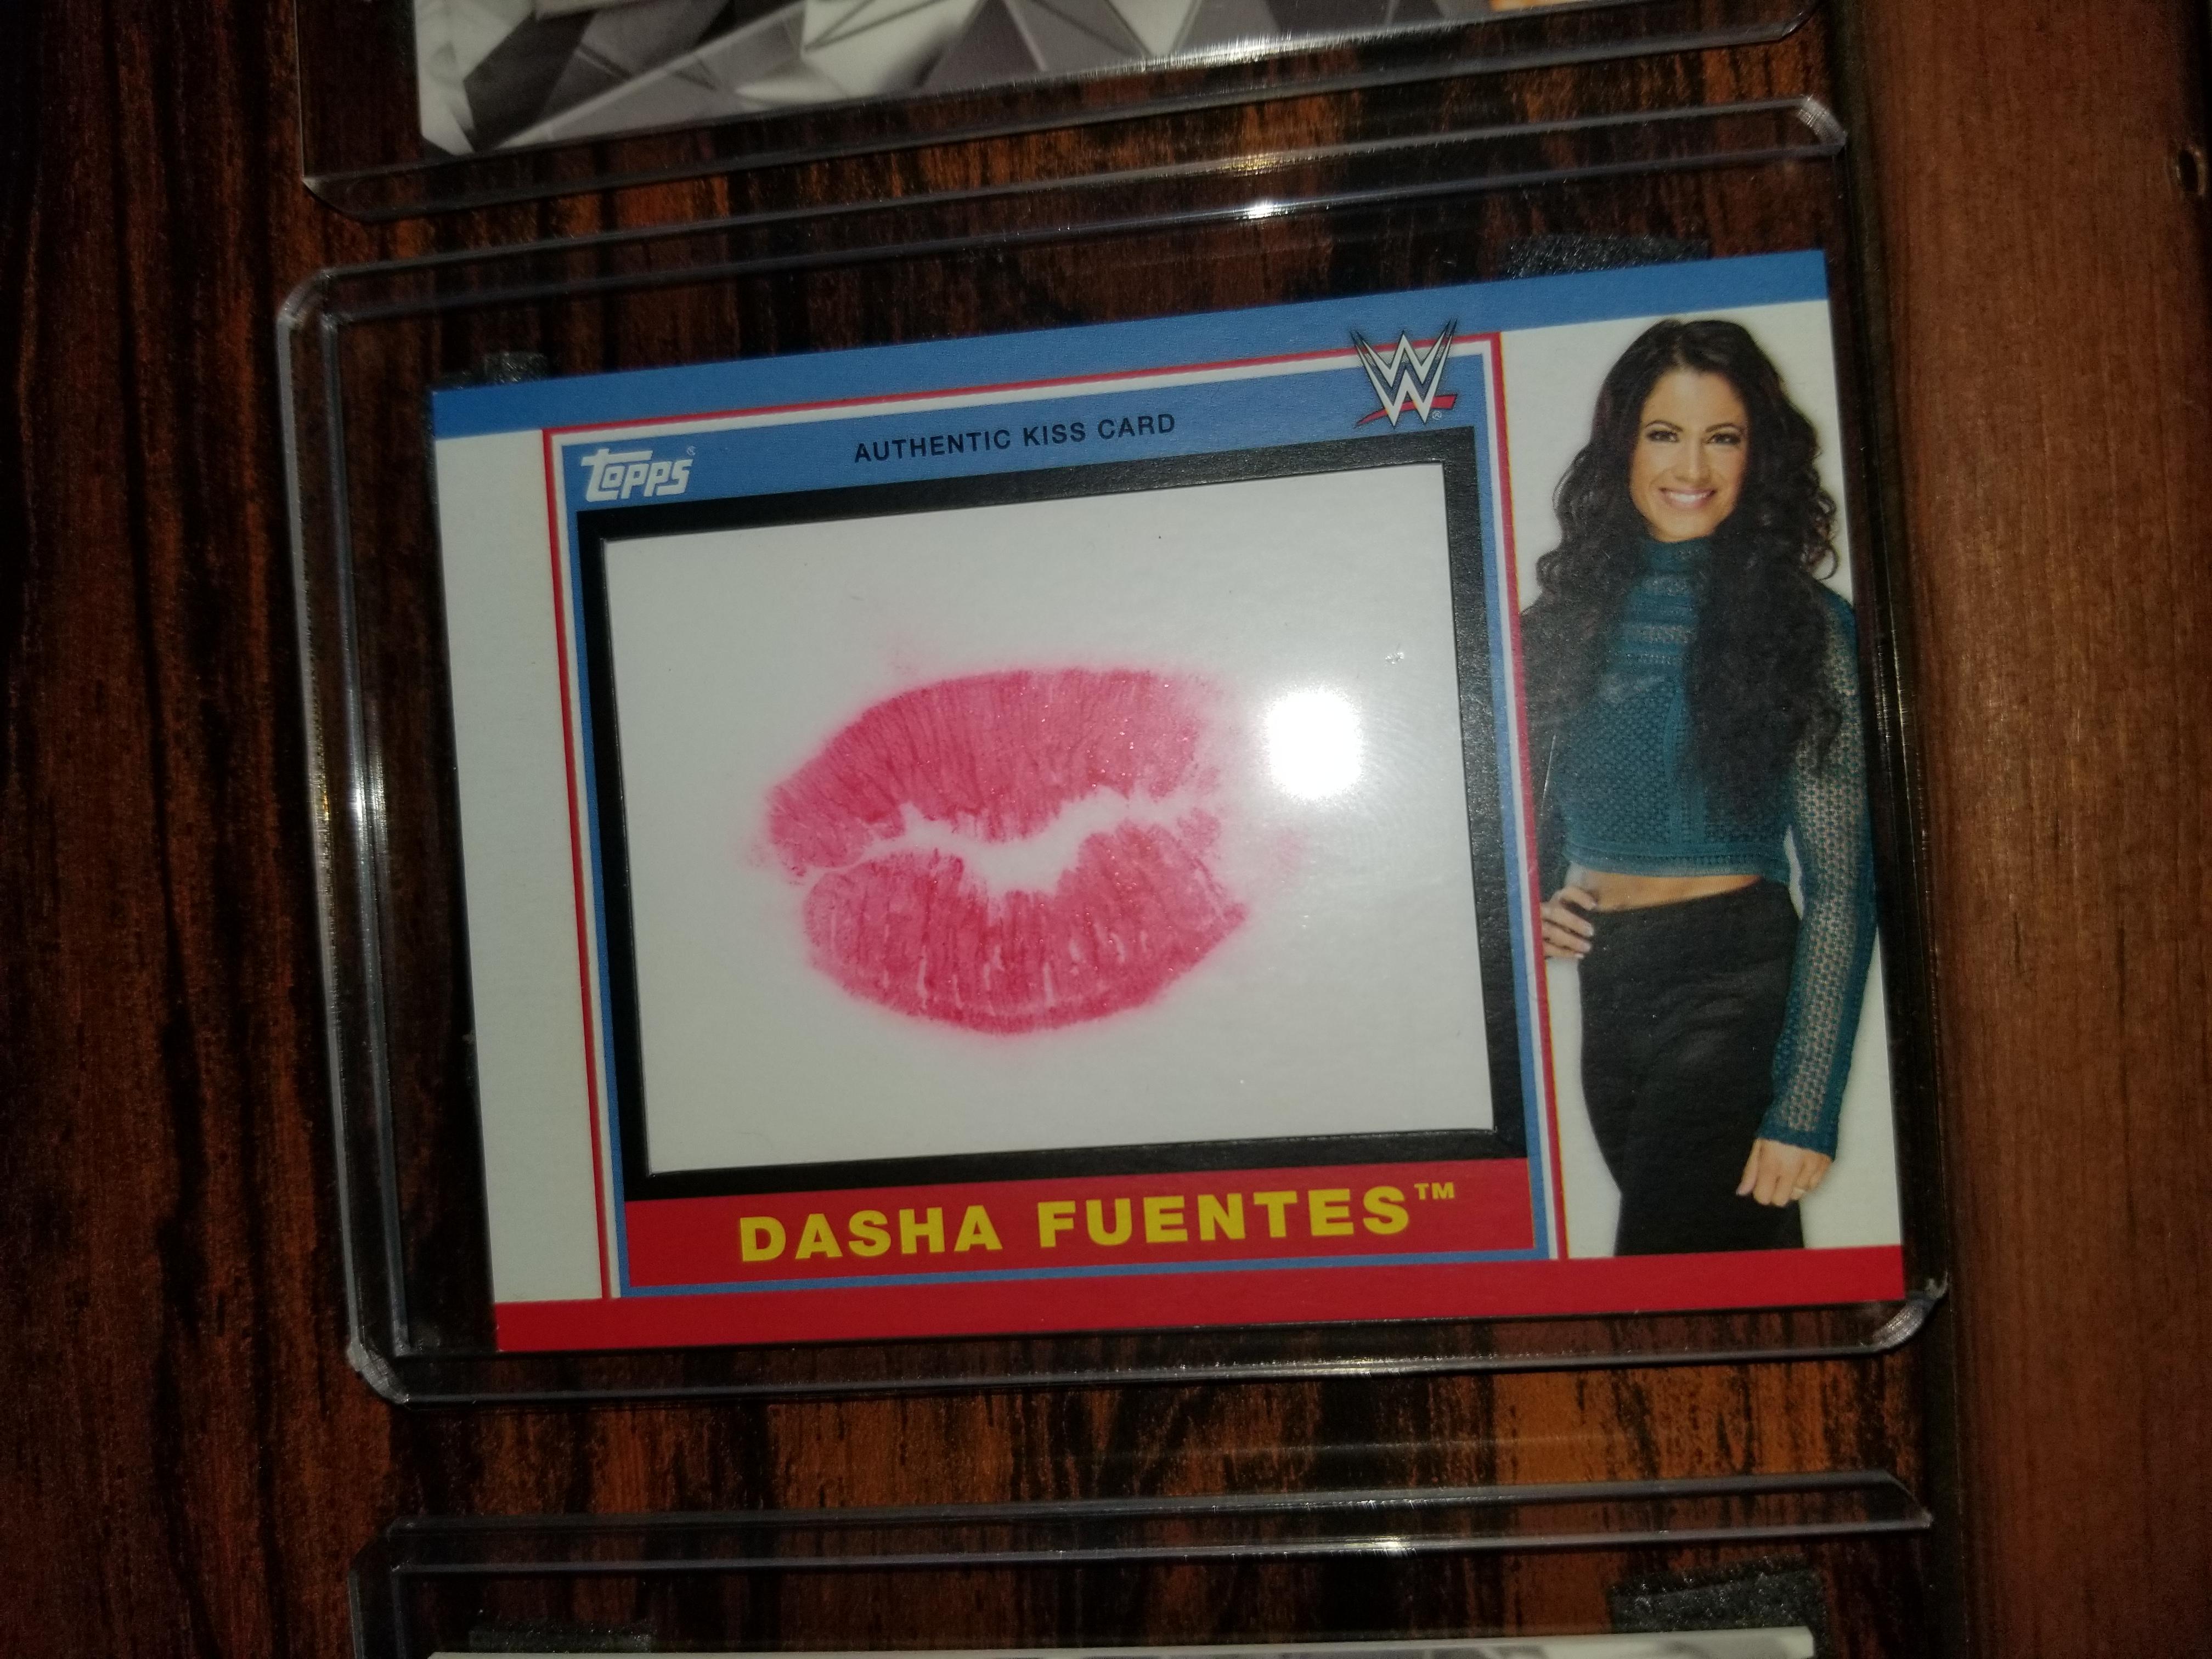 Dasha Fuentes Kiss Card